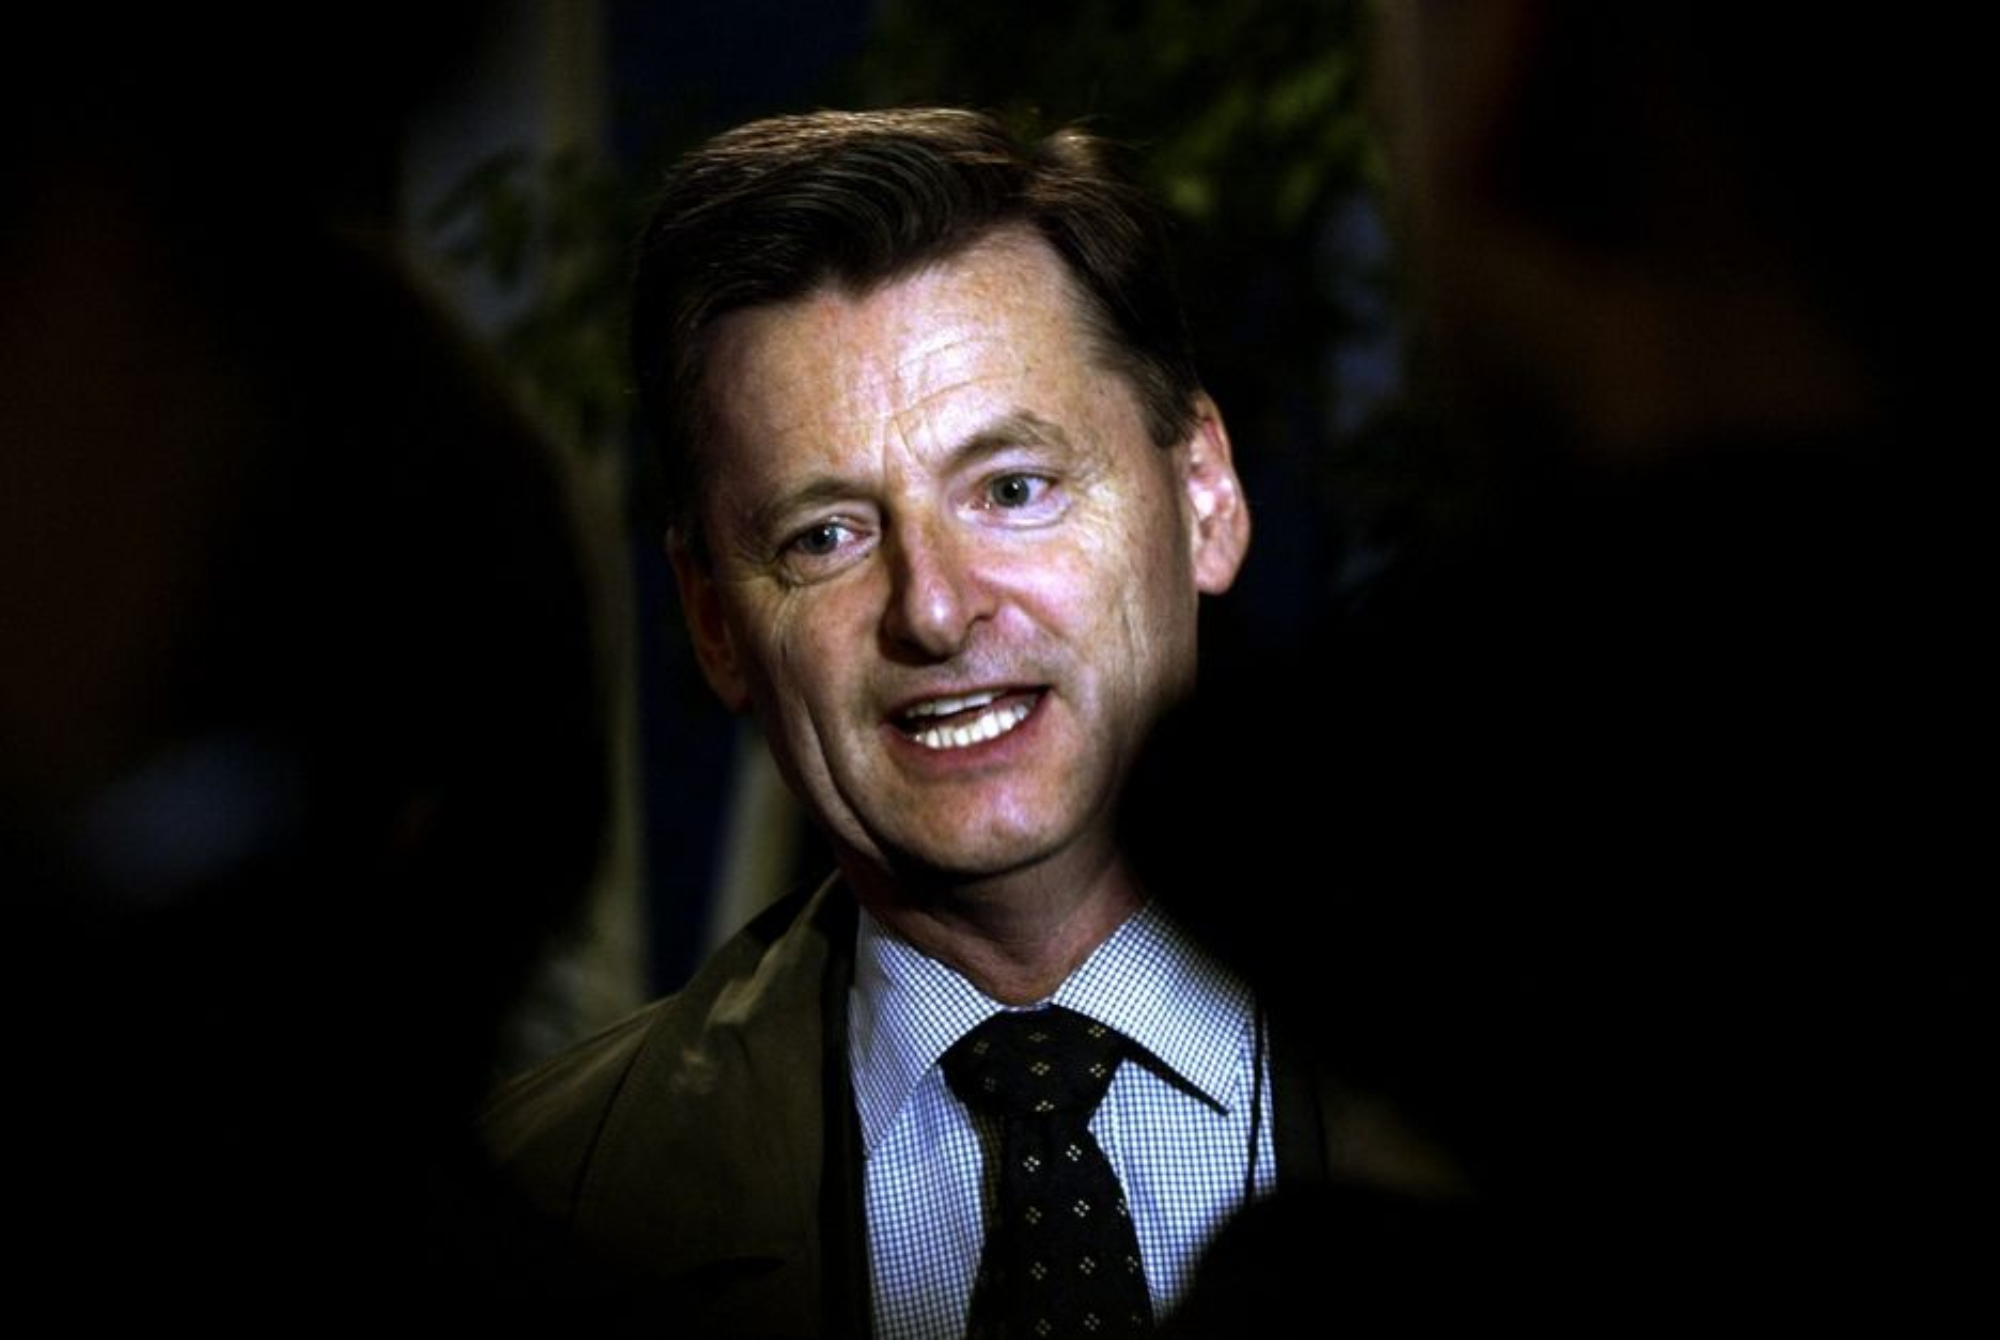 BETENKELIG: Forsker Anders Todal Jensen ved NTNU er betenkt over at et aksjeselskap eid av Johan Fredrik Odfjell (bildet) regnes som en del av miljøbevegelsen.